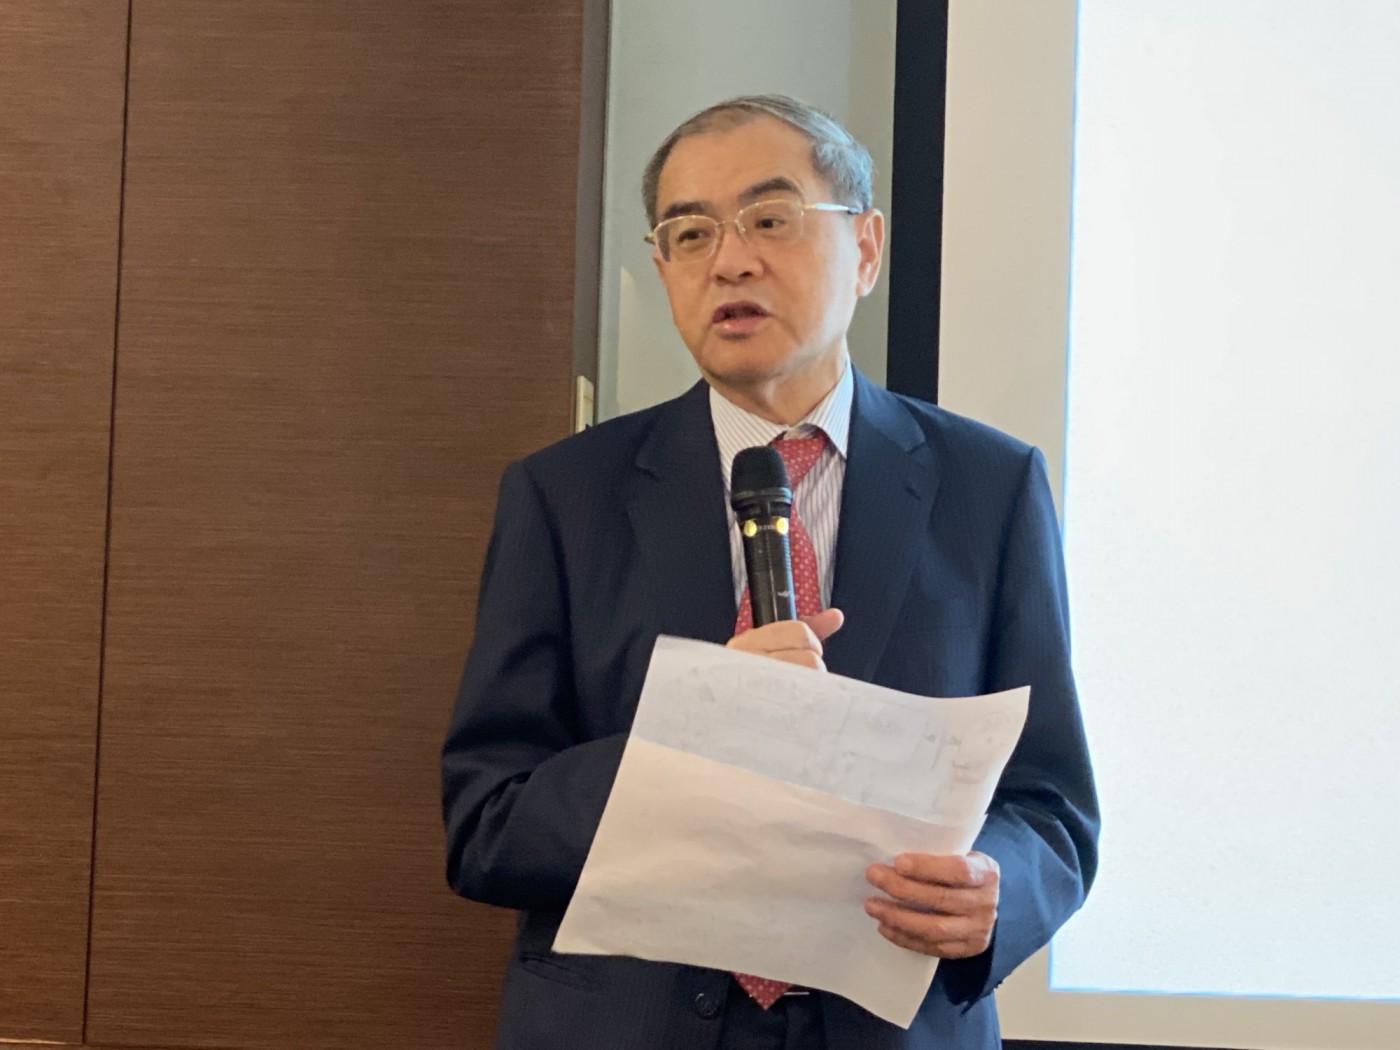 《產業領袖觀點》搶第三波物聯網成長浪潮,研華劉克振:支持夥伴共創參與市場